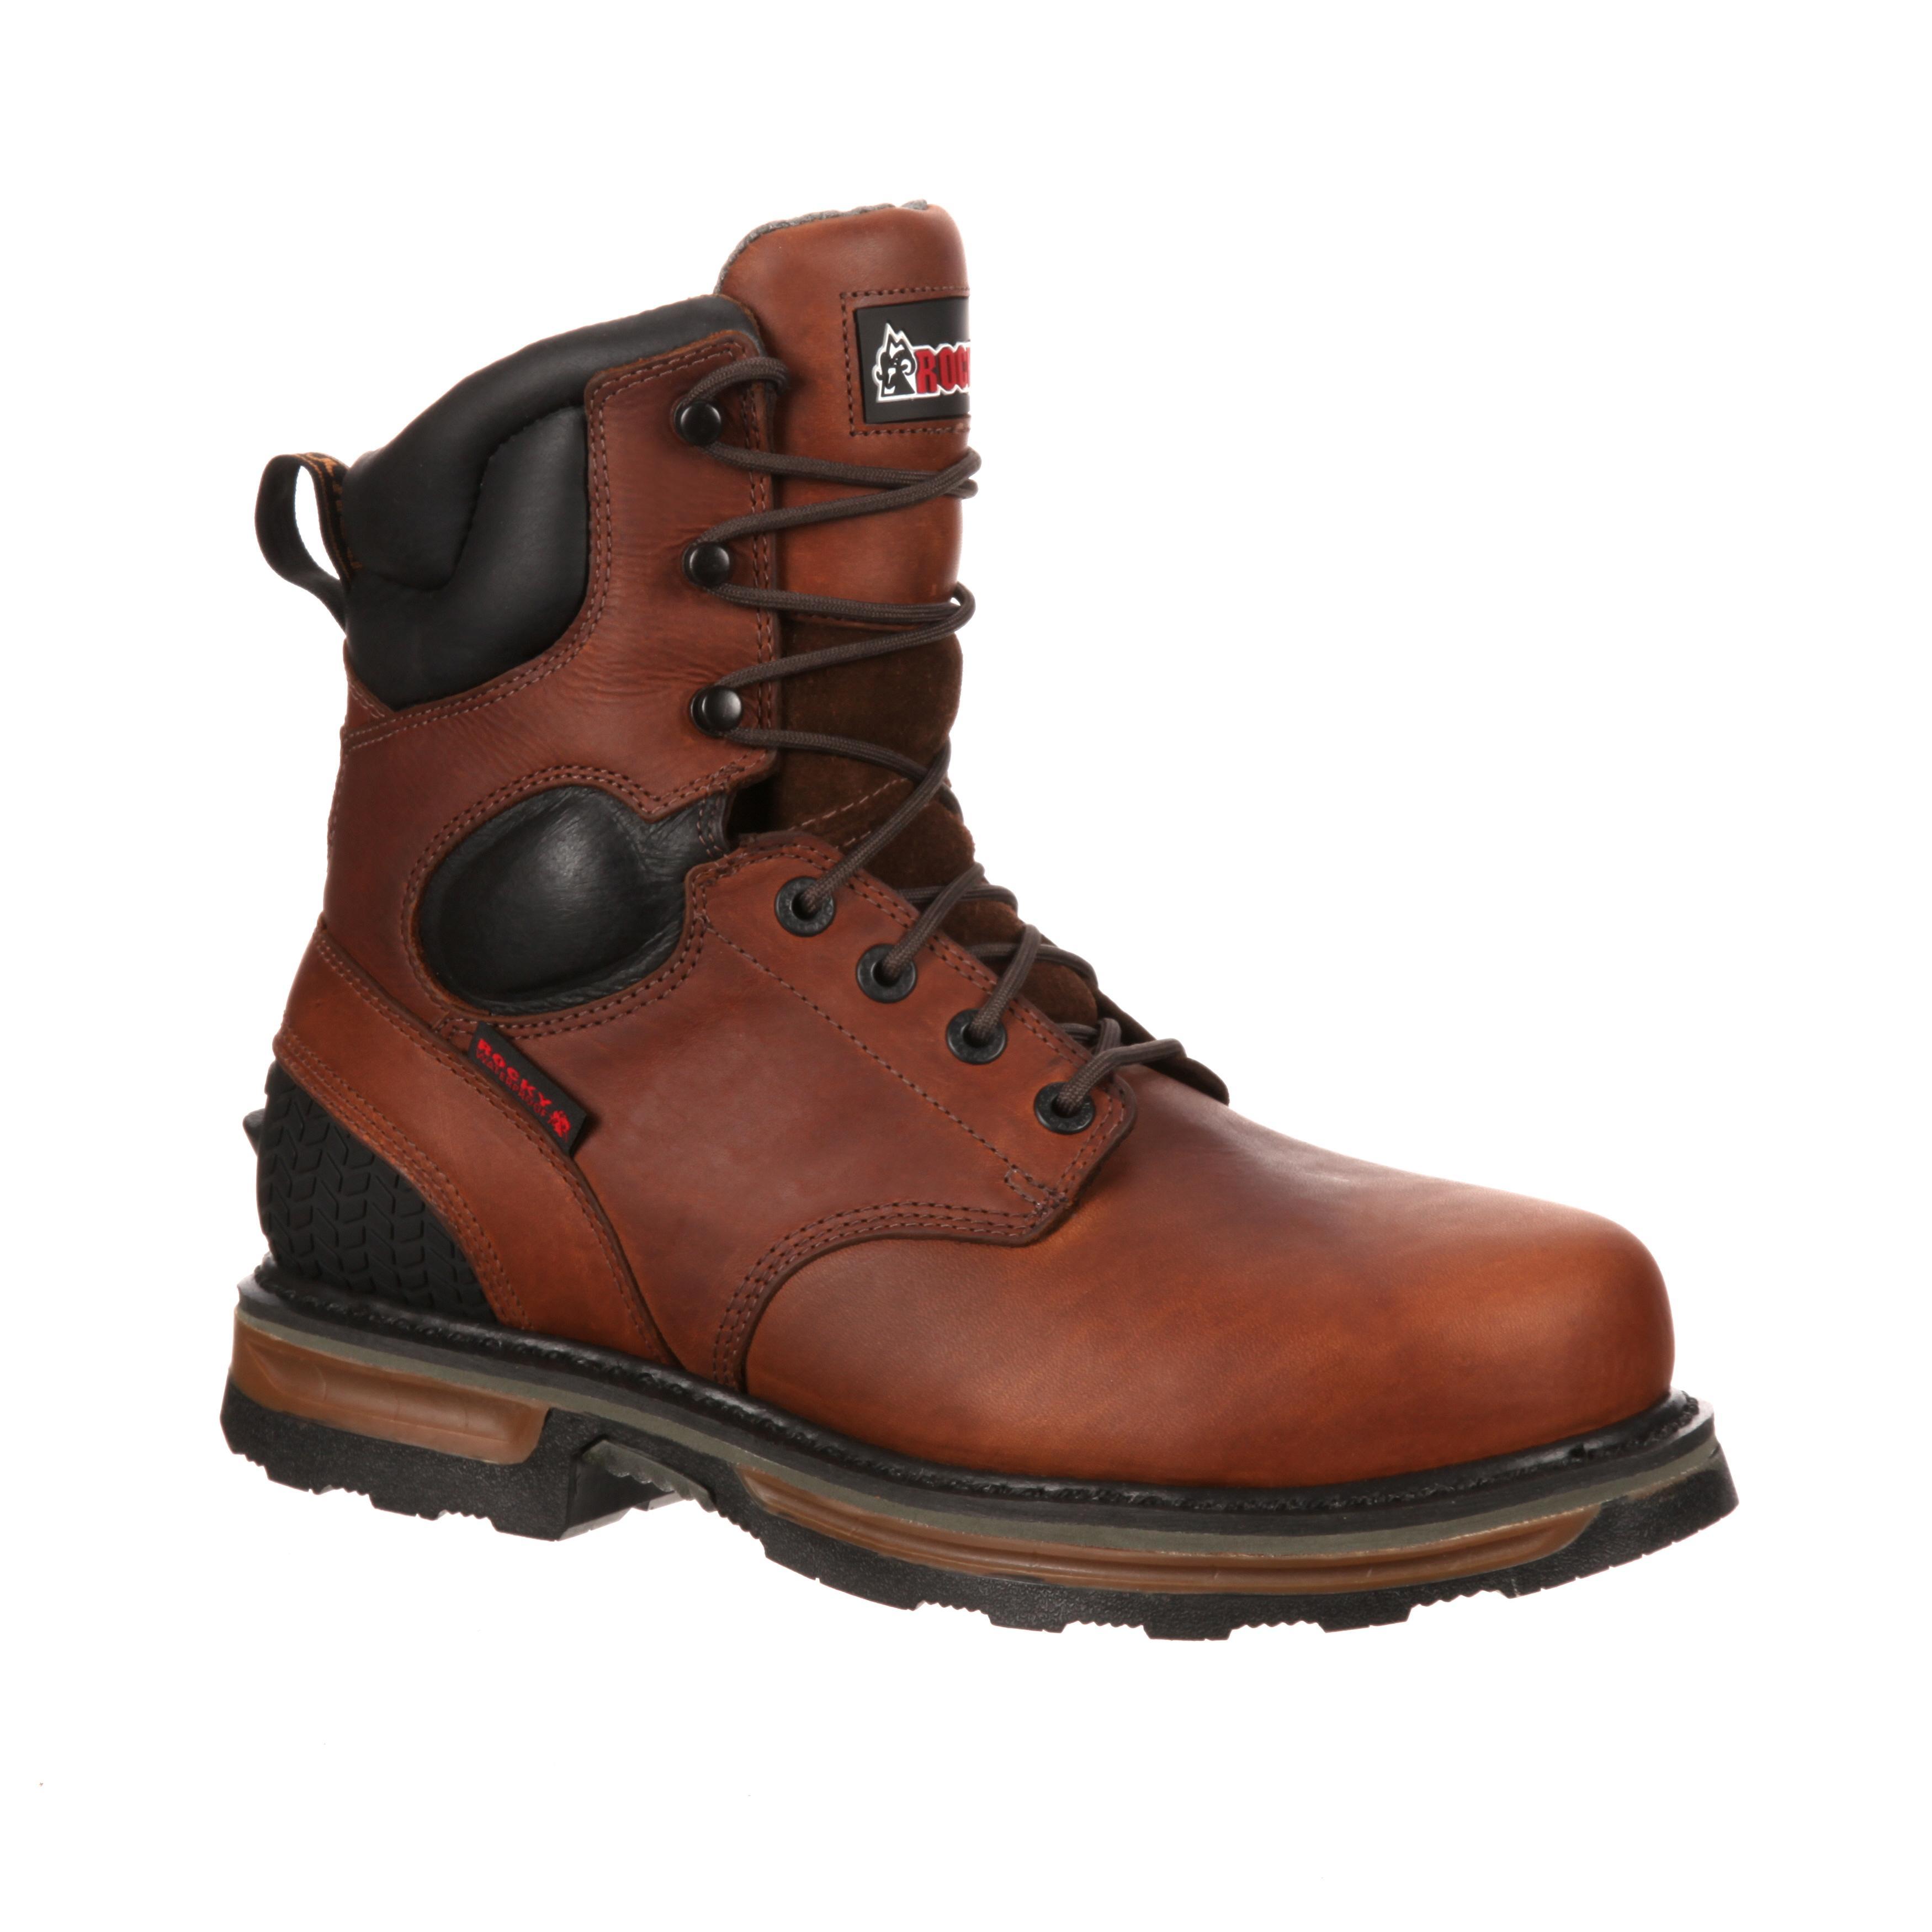 05d9f176fed Rocky Elements Steel Steel Toe Waterproof Work Boot